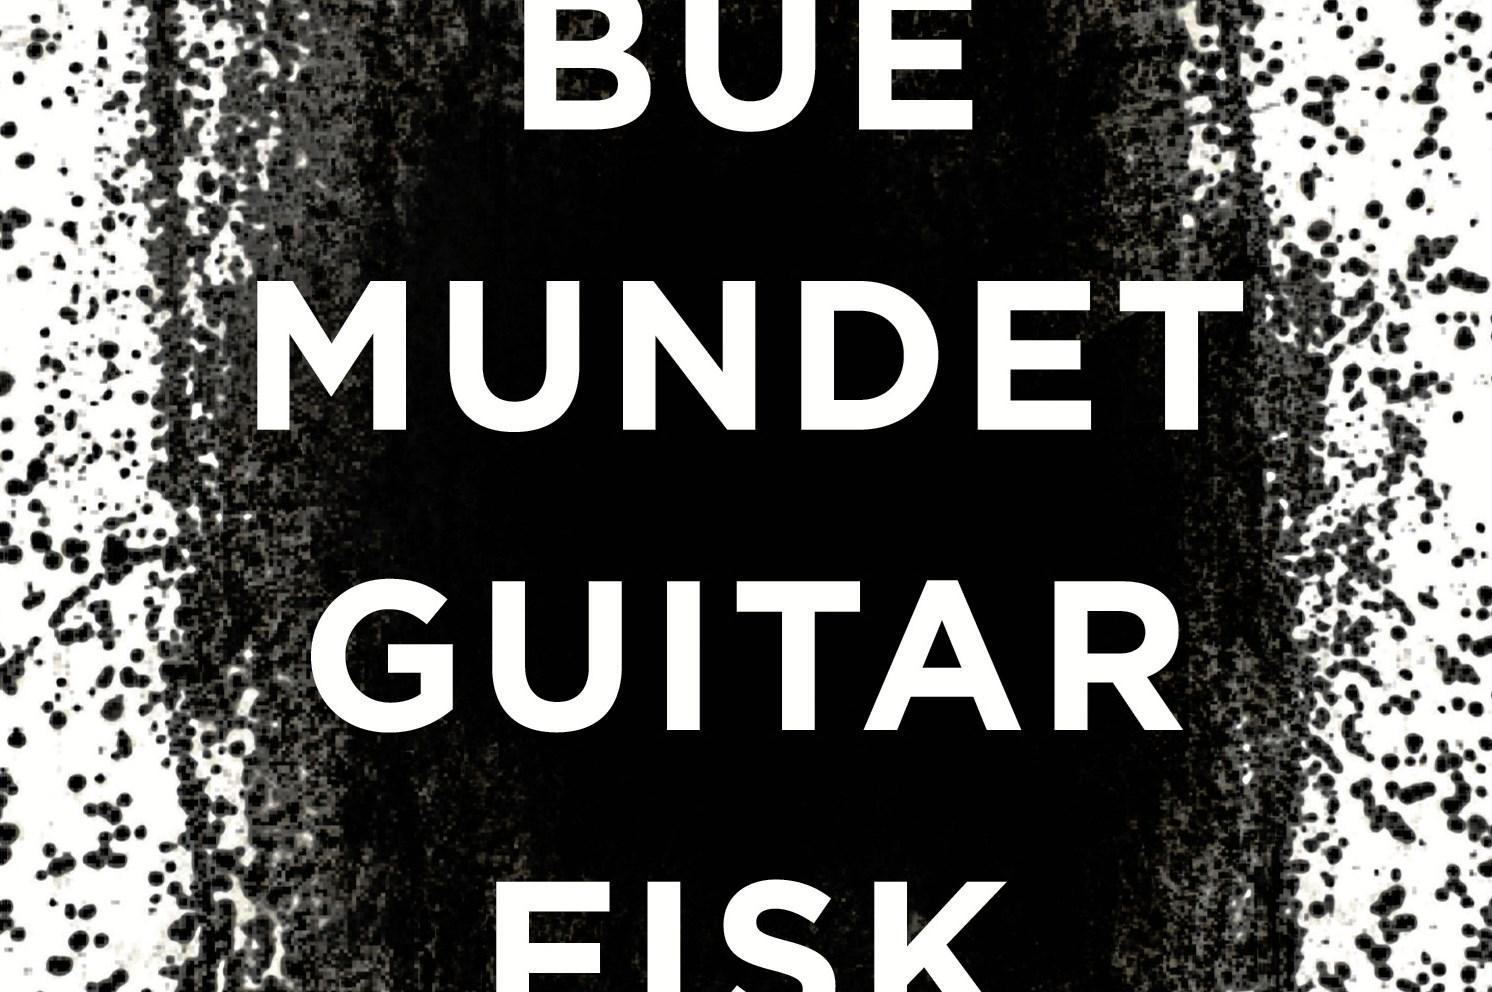 Buemundet guitarfisk - satirisk generationsportræt, det gør ondt at grine af